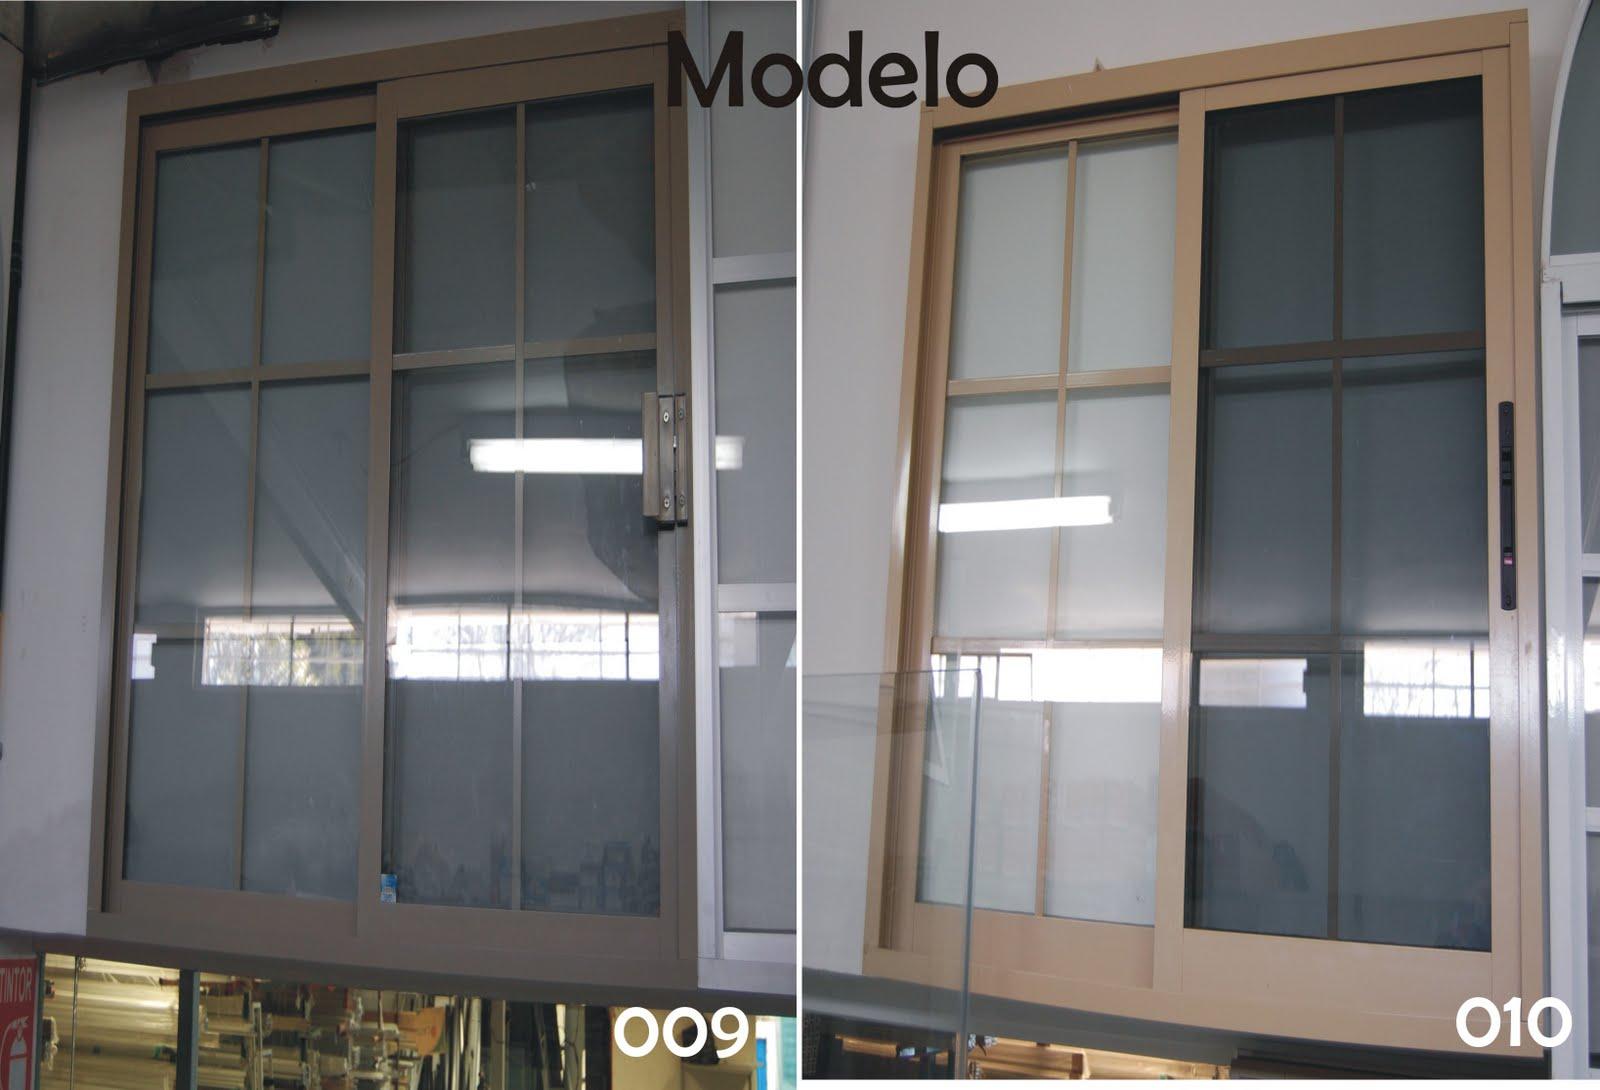 Ventanas y puertas t rmicas ventanas doble vidrio con for Ventanas de aluminio doble vidrio argentina